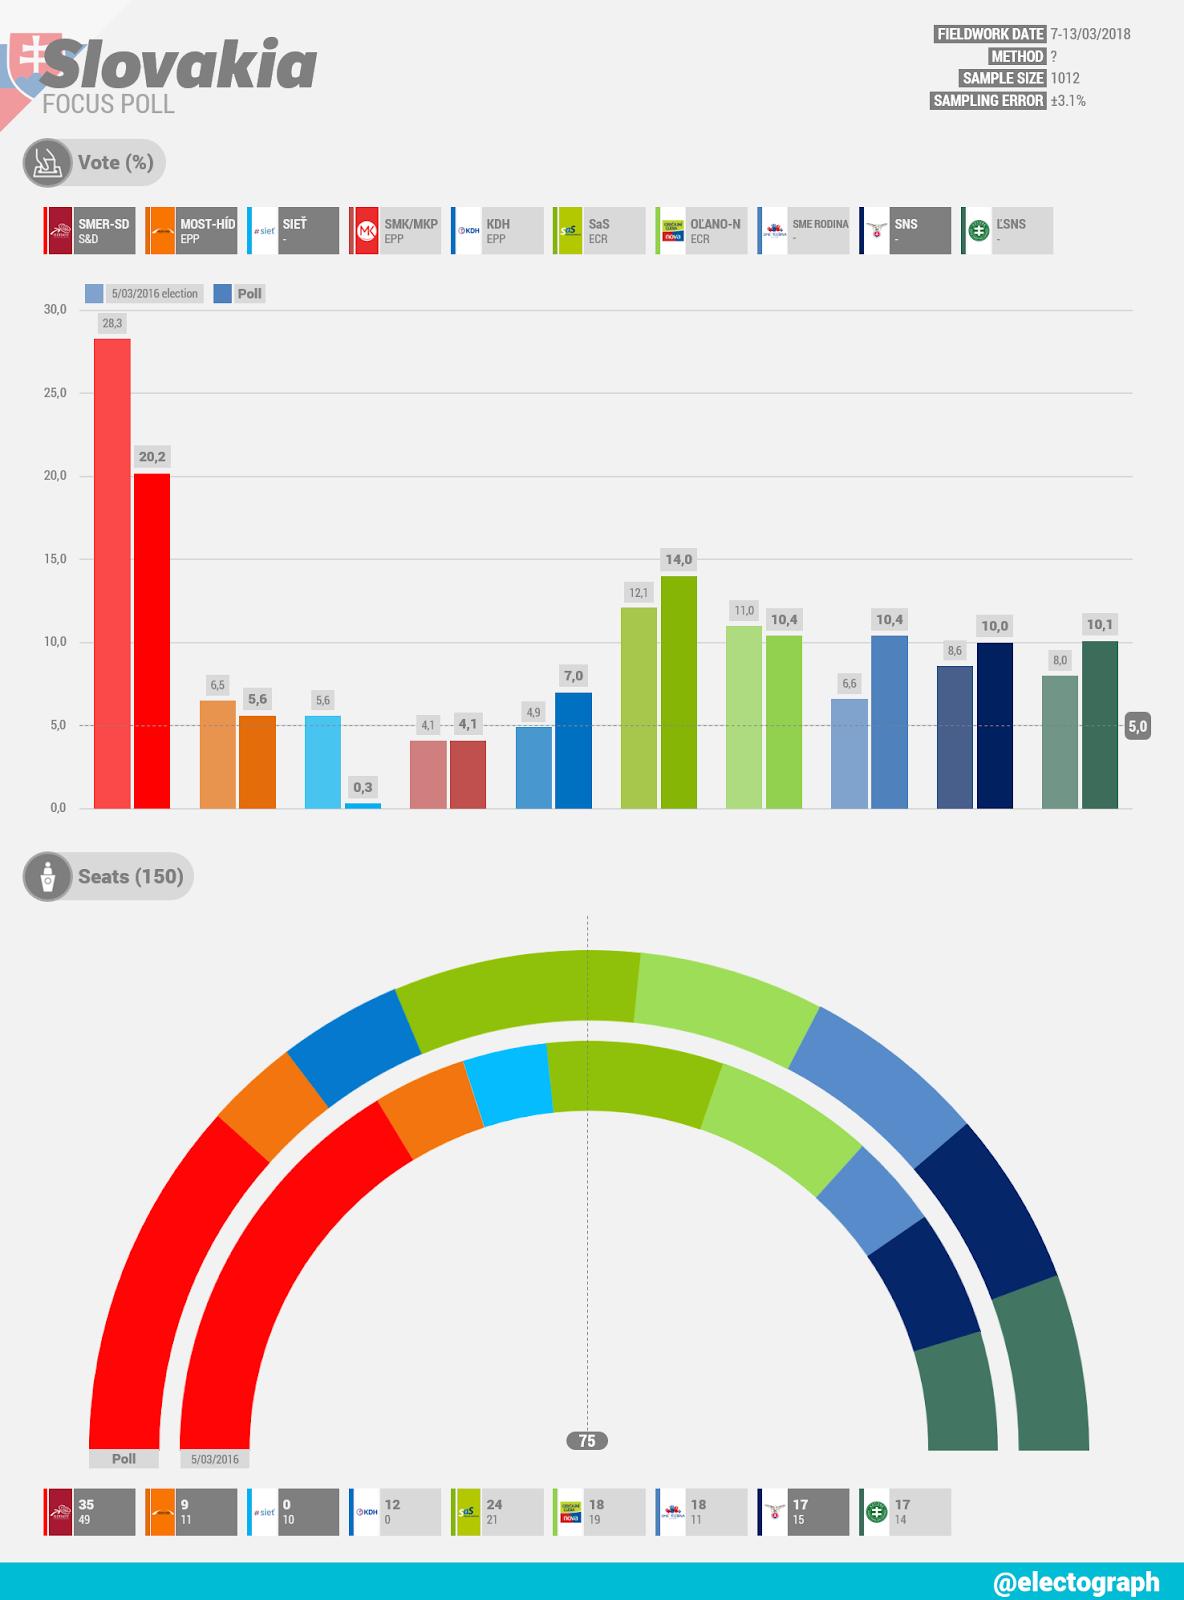 SLOVAKIA Focus poll chart, February 2018